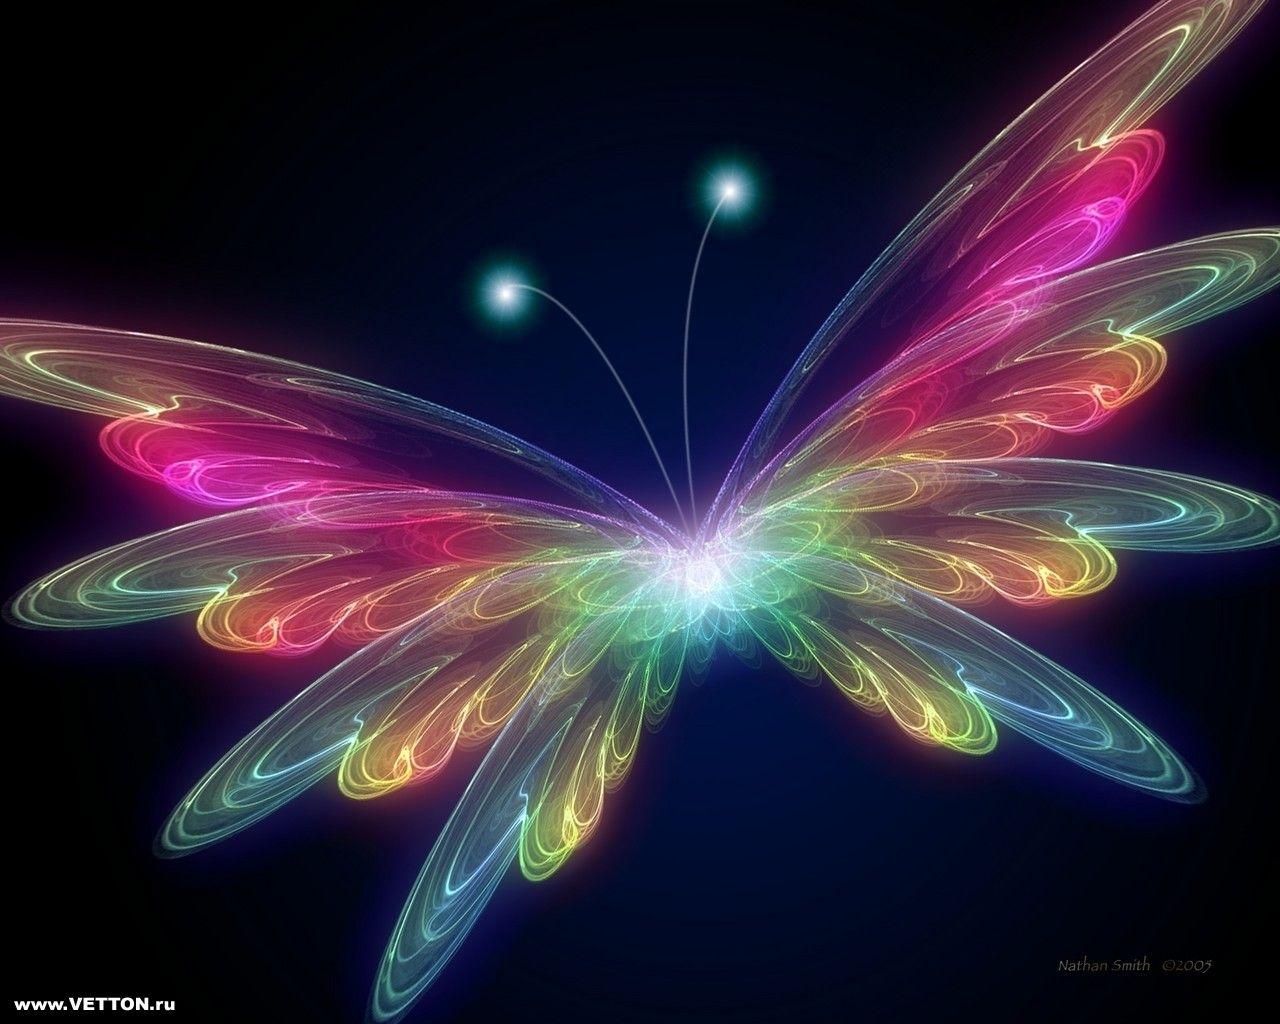 9226 Salvapantallas y fondos de pantalla Imágenes en tu teléfono. Descarga imágenes de Mariposas, Insectos, Arte, Imágenes gratis